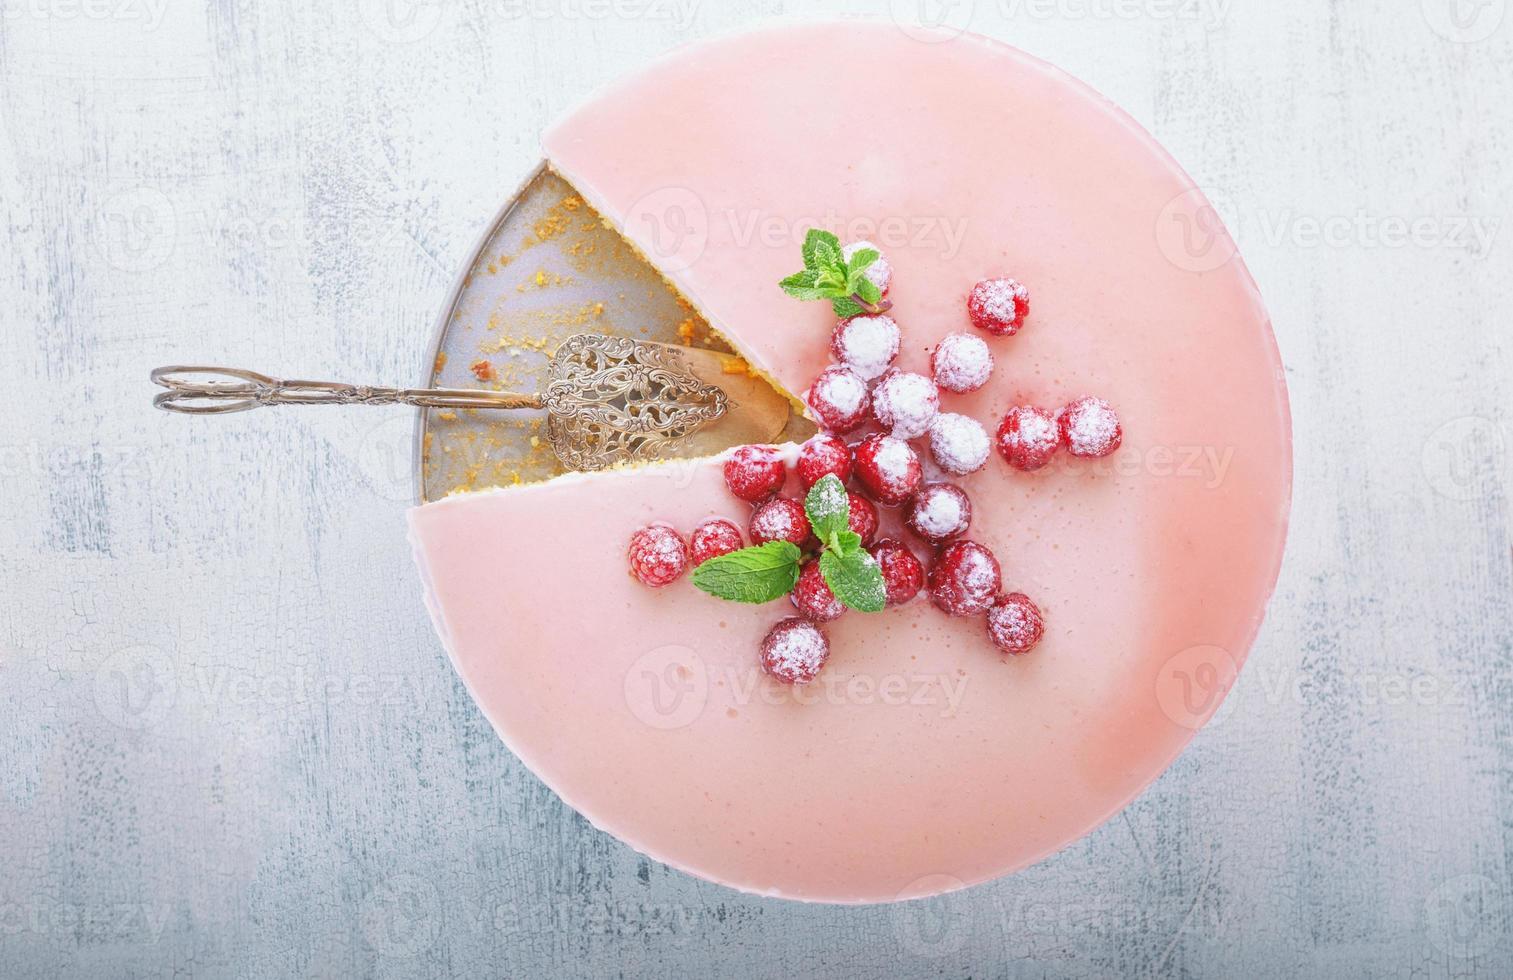 cheesecake au yaourt photo